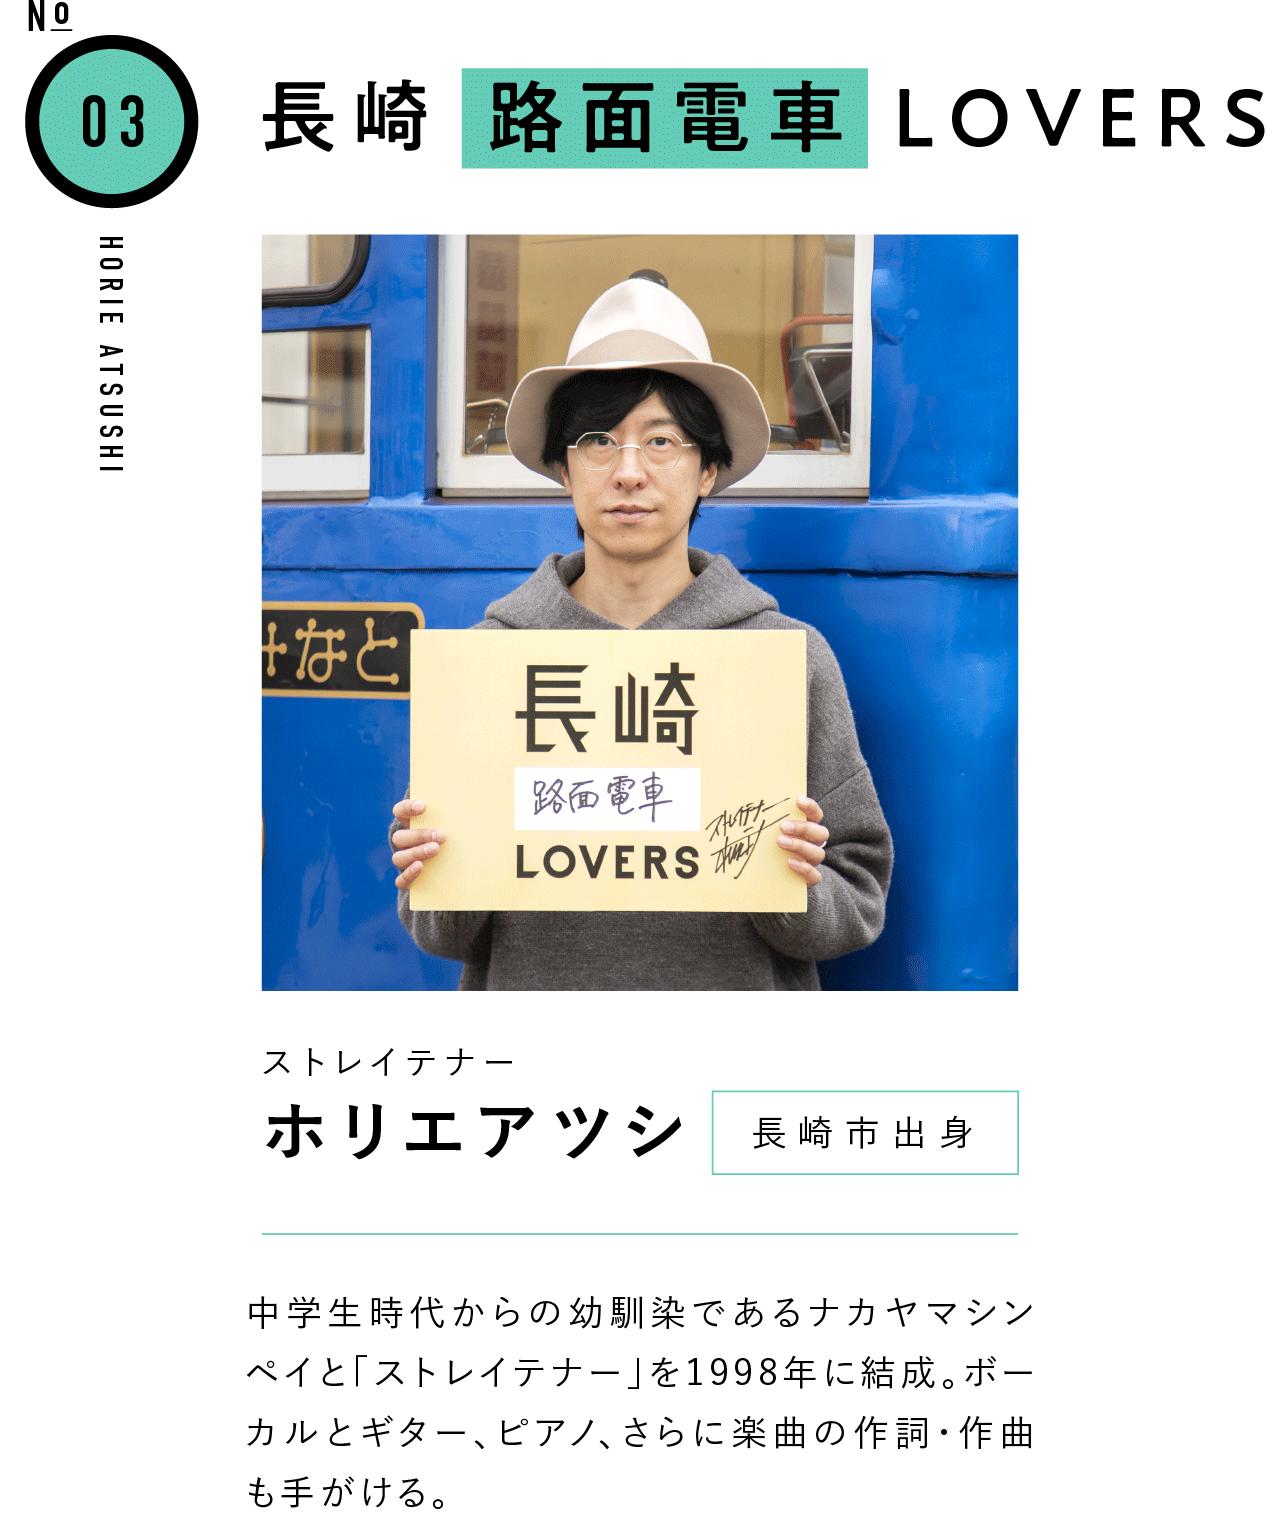 03長崎路面電車LOVERS ストレイテナー ホリエアツシ 長崎市出身 中学生時代からの幼馴染であるナカヤマシンペイと「ストレイテナー」を1998年に結成。ボーカルとギター、ピアノ、さらに楽曲の作詞・作曲も手がける。